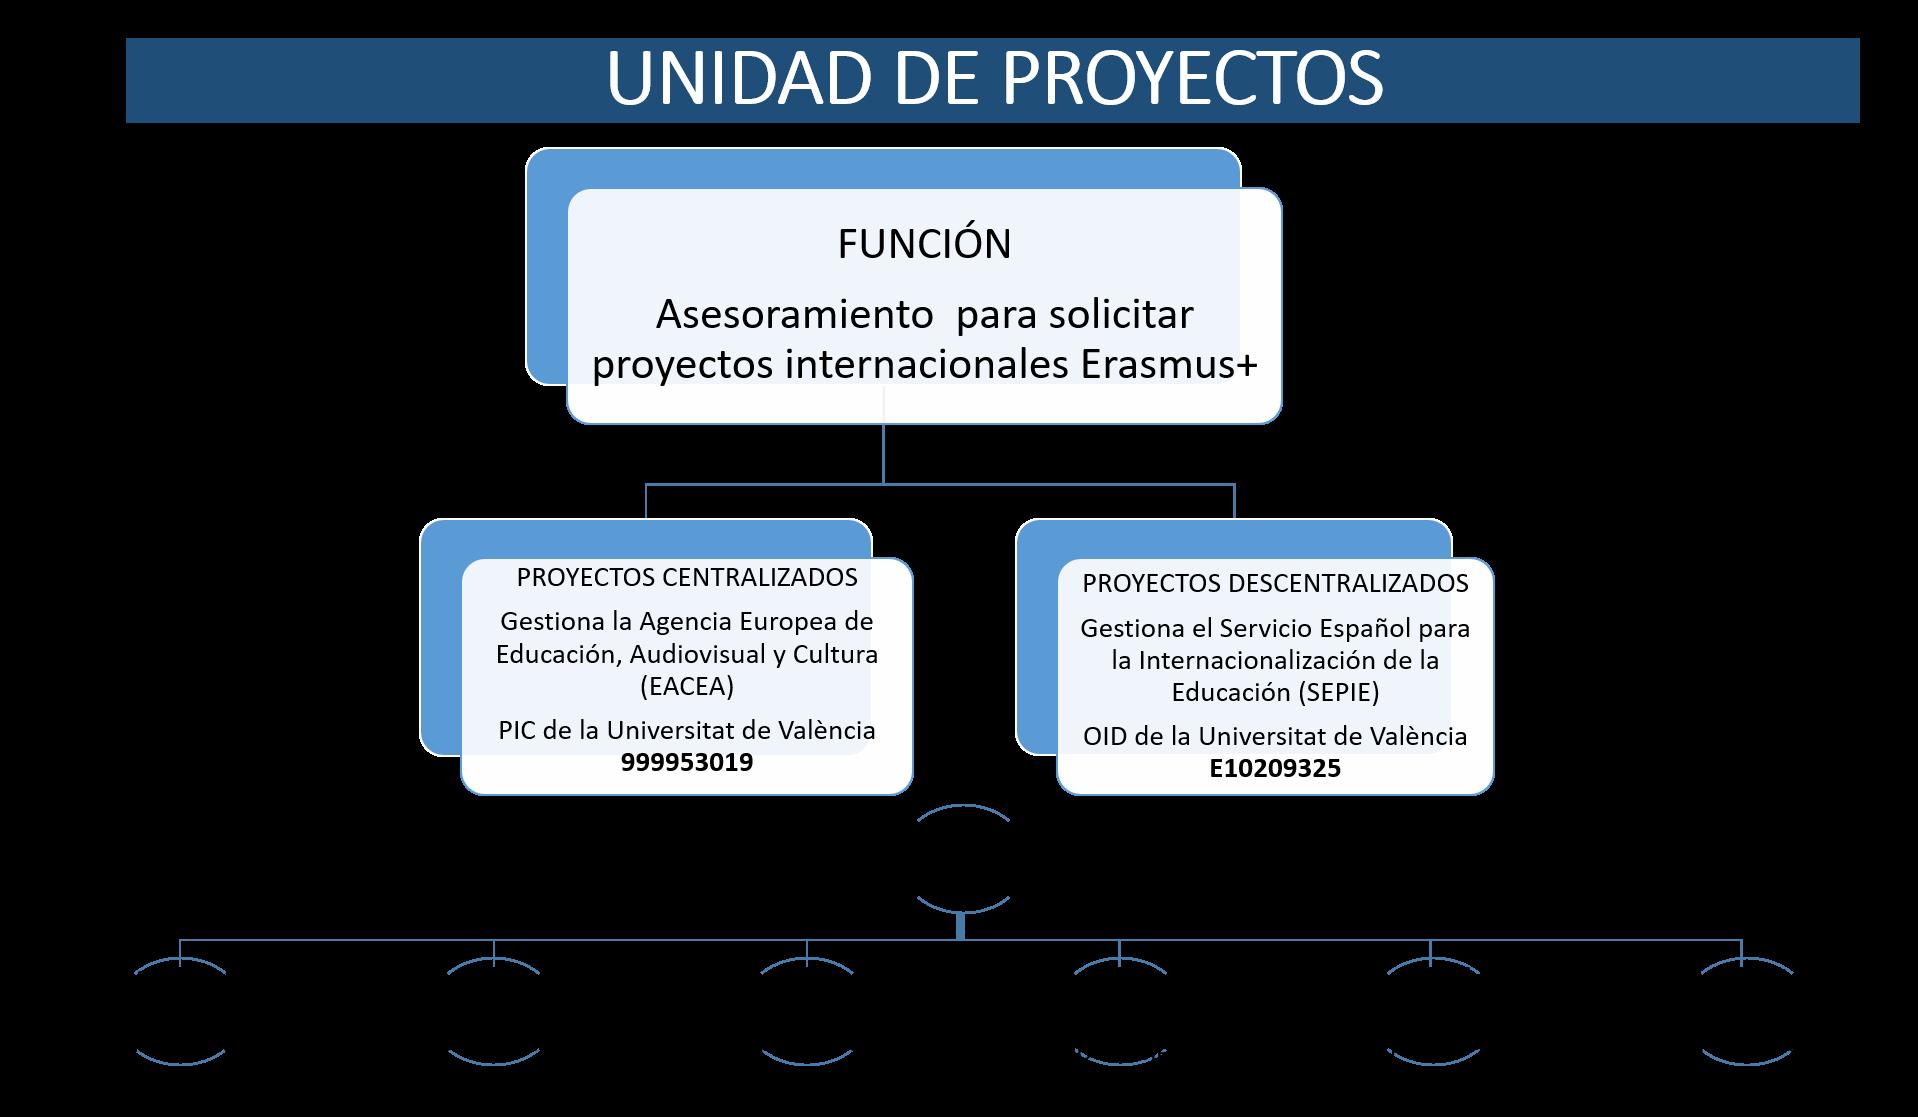 presentacion unidad proyectos